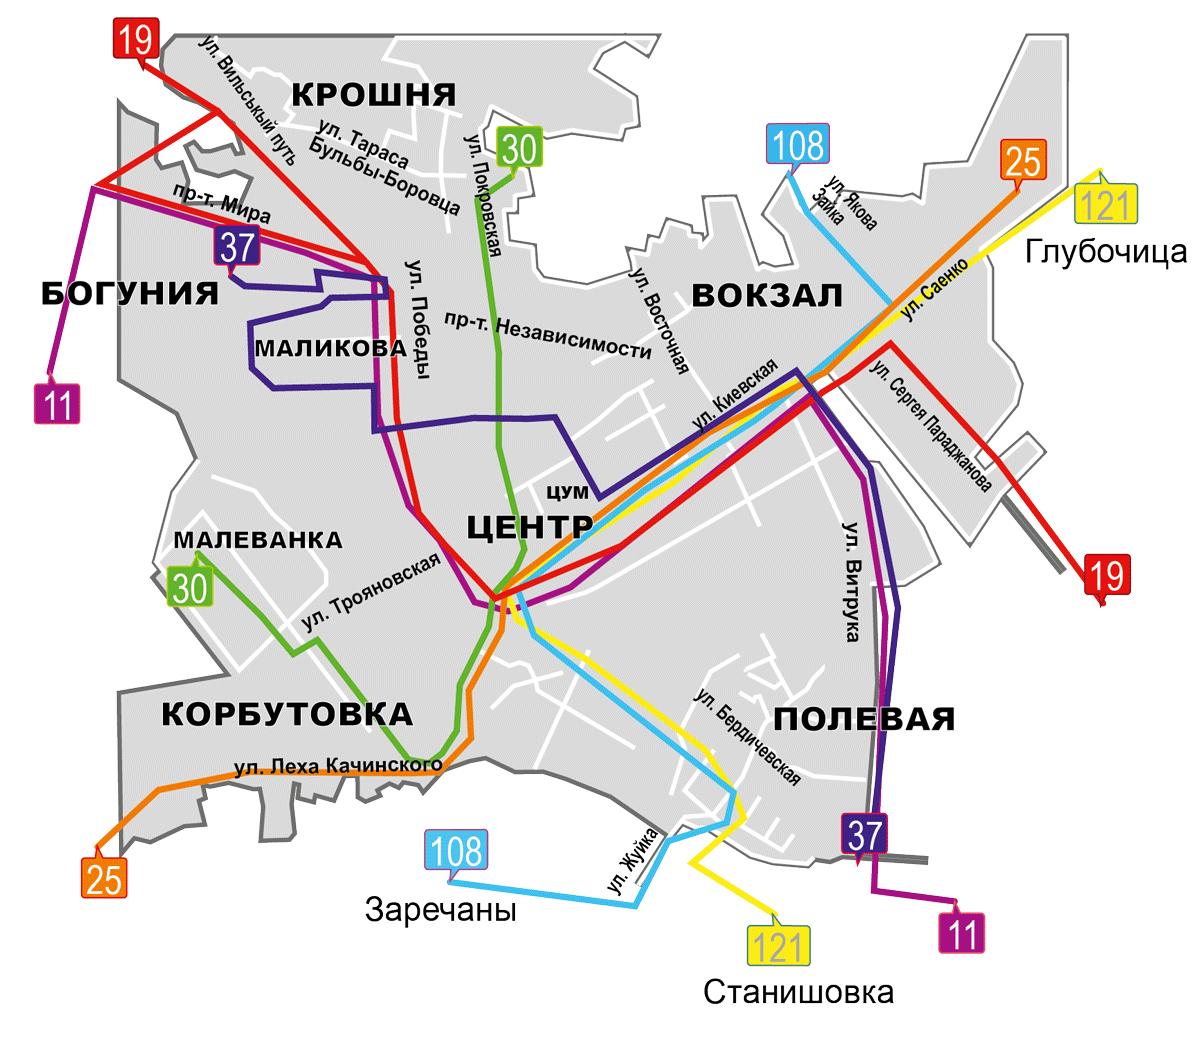 Карта-схема движения маршрутов